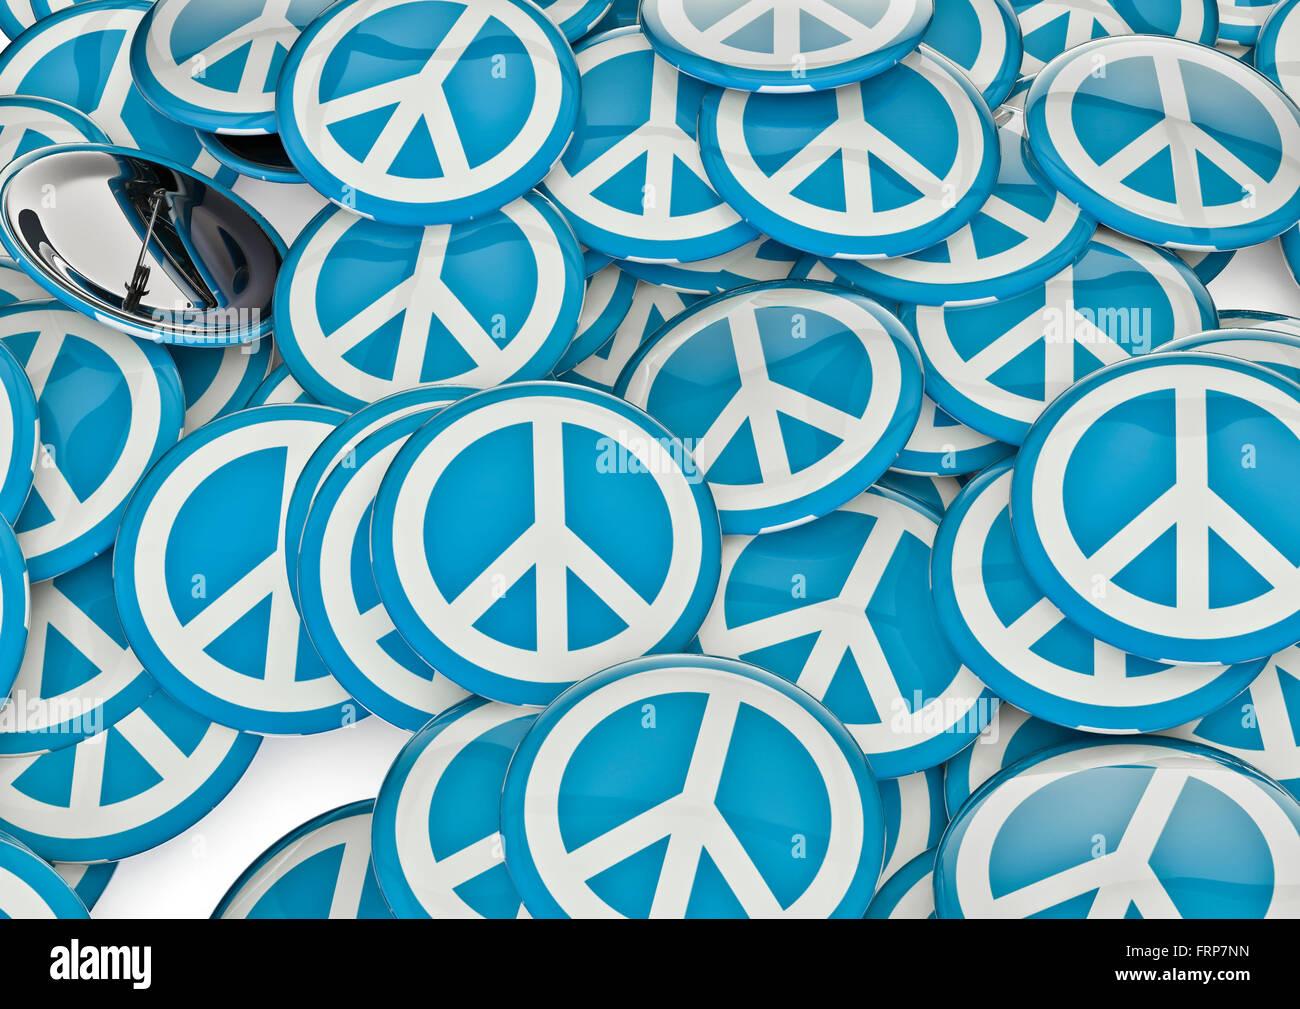 Las insignias de paz / 3D Render de insignias metálicas con símbolo de la paz Imagen De Stock